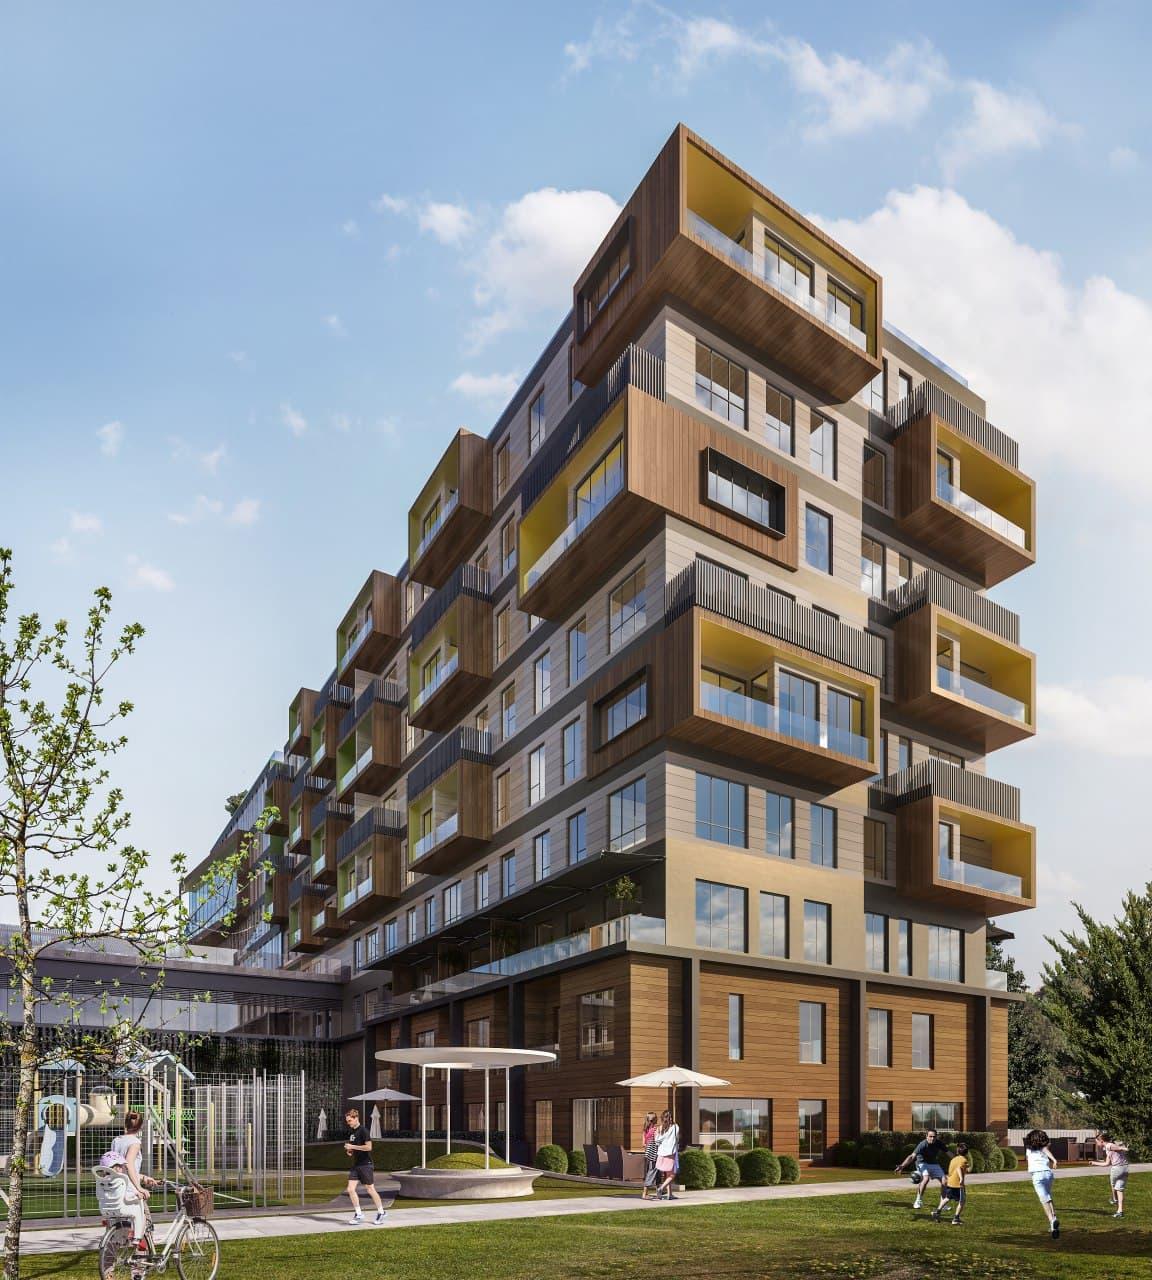 خرید خانه ویلایی در خط ساحل استانبول ، پروژه ای عظیم به وسعت یک شهر